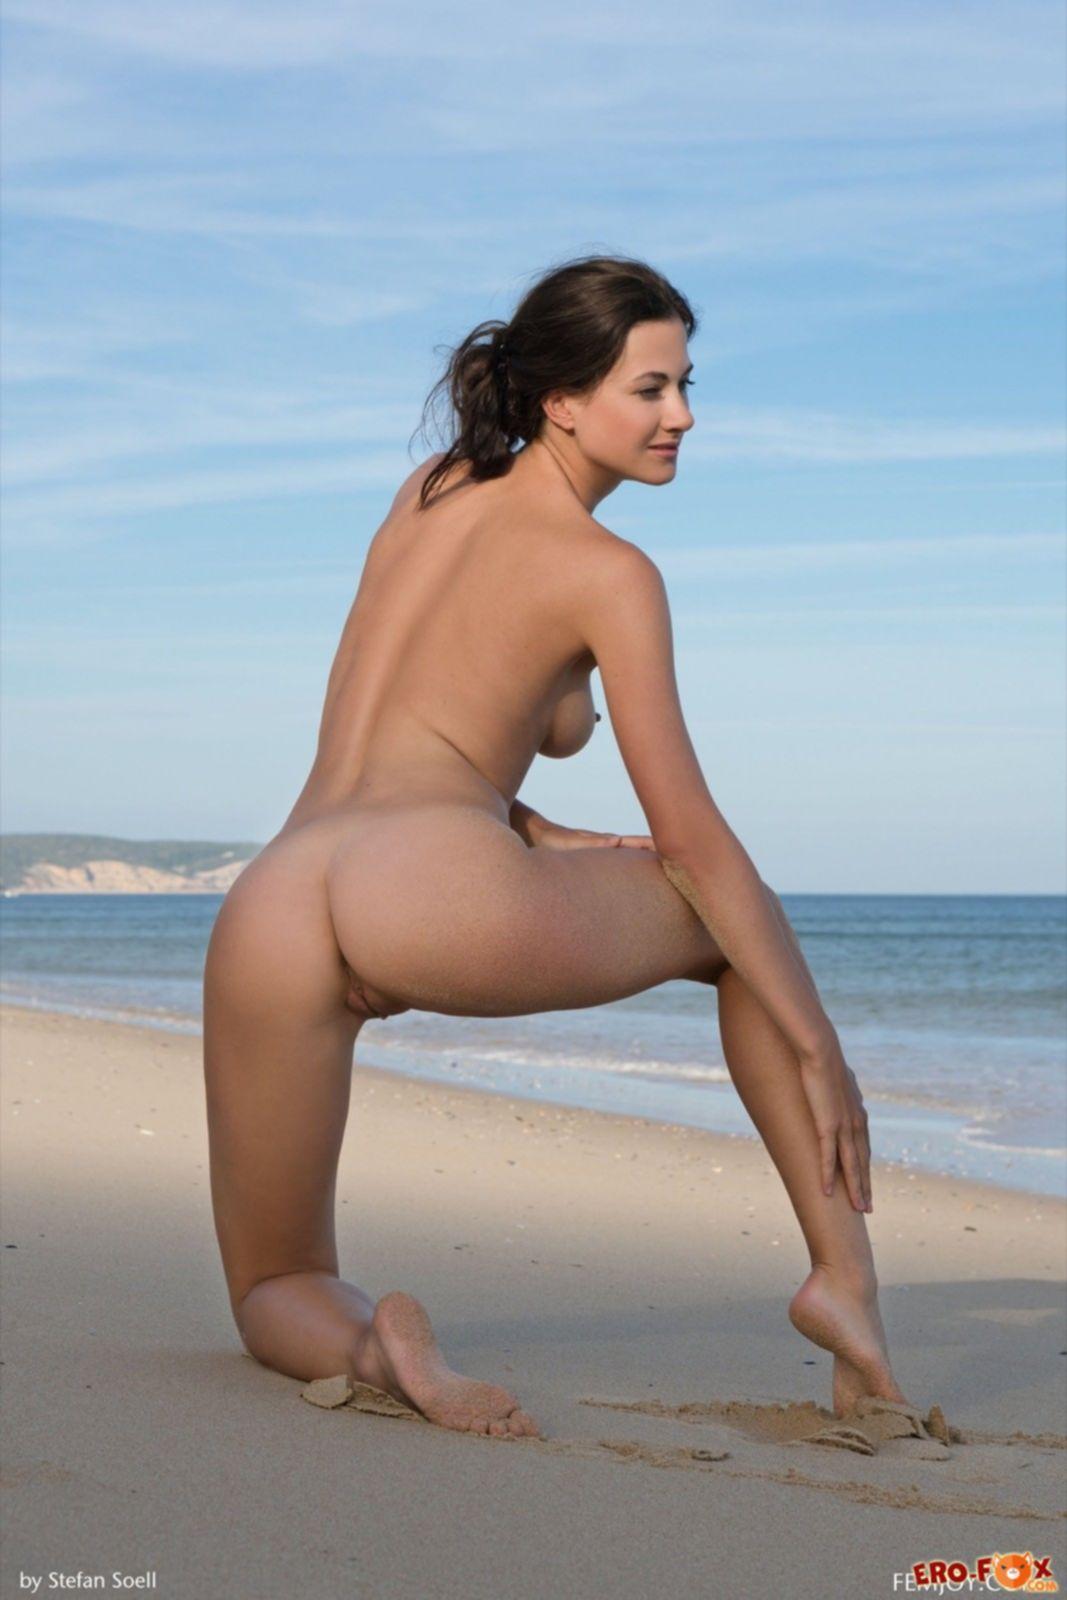 Девица с упругой грудью показала голое тело на пляже - фото